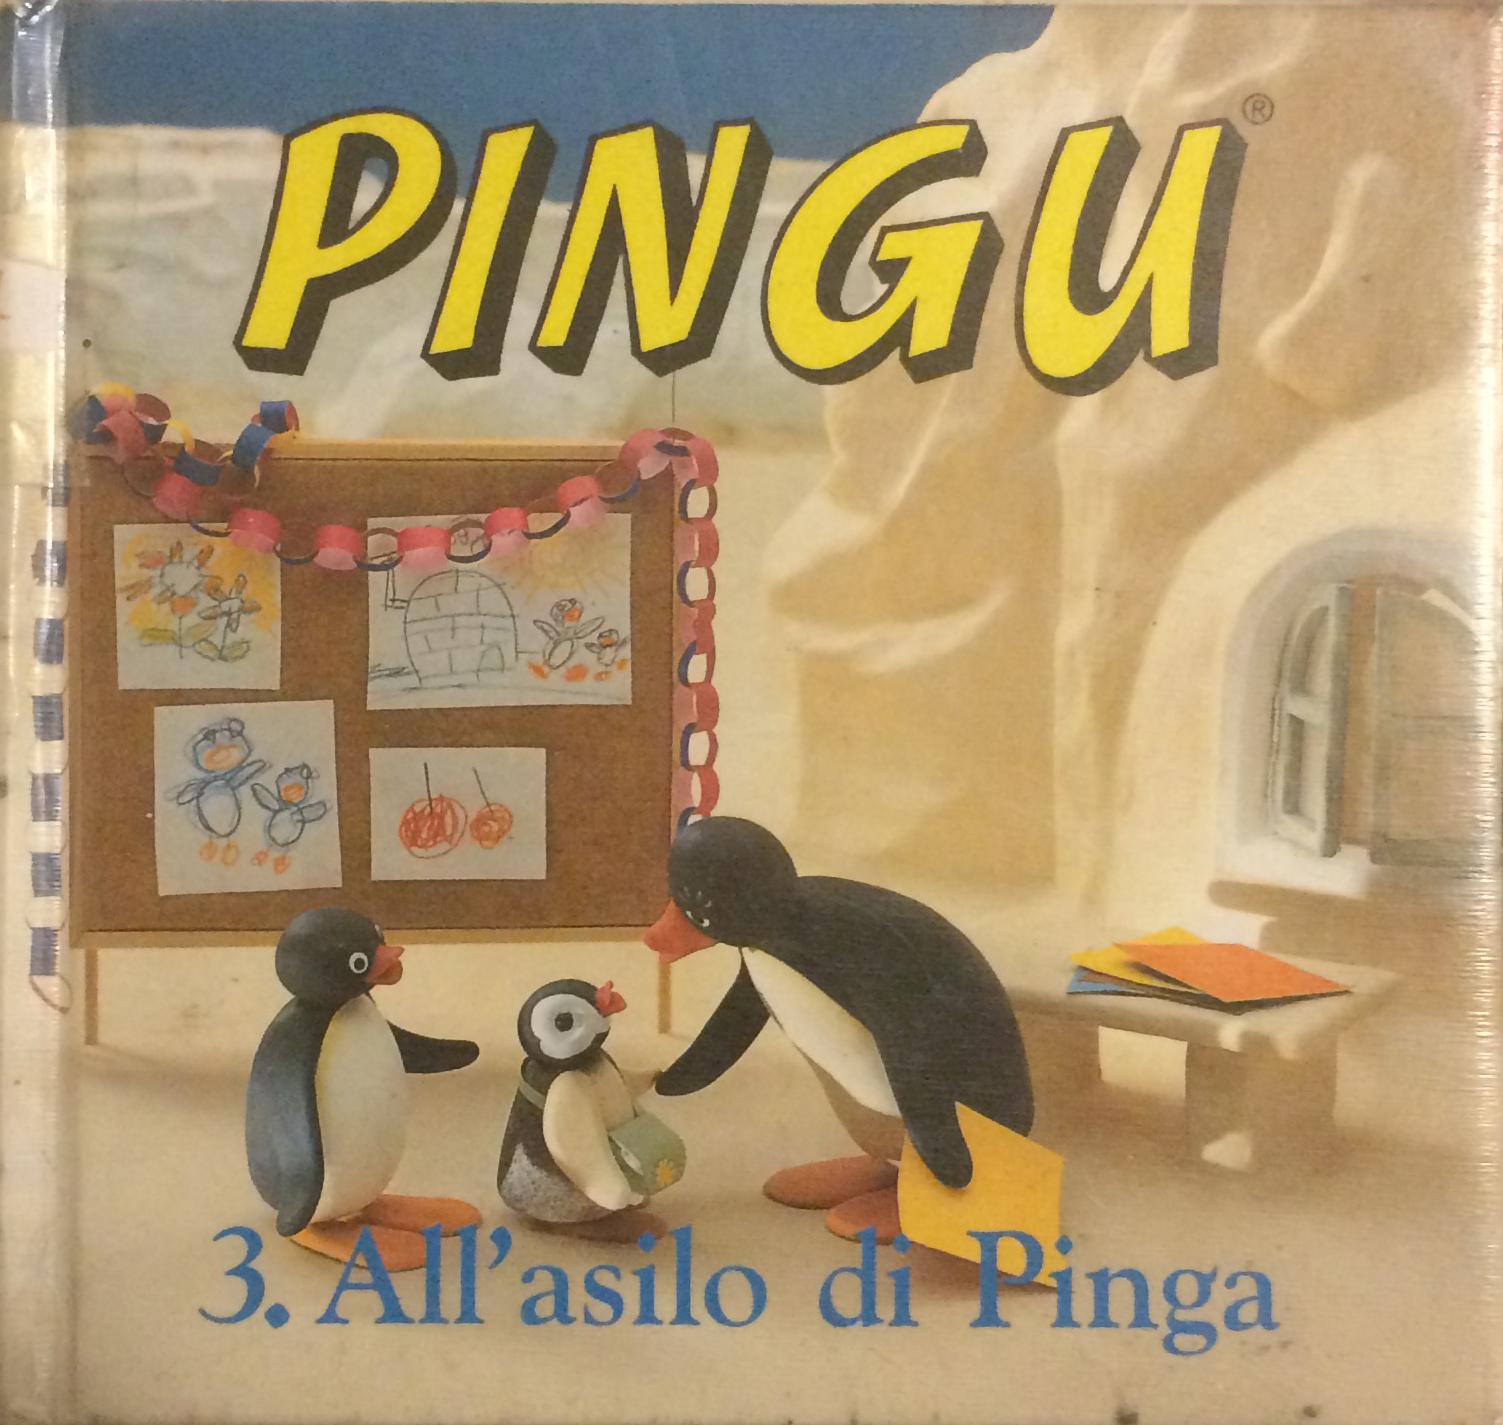 All'asilo di Pinga